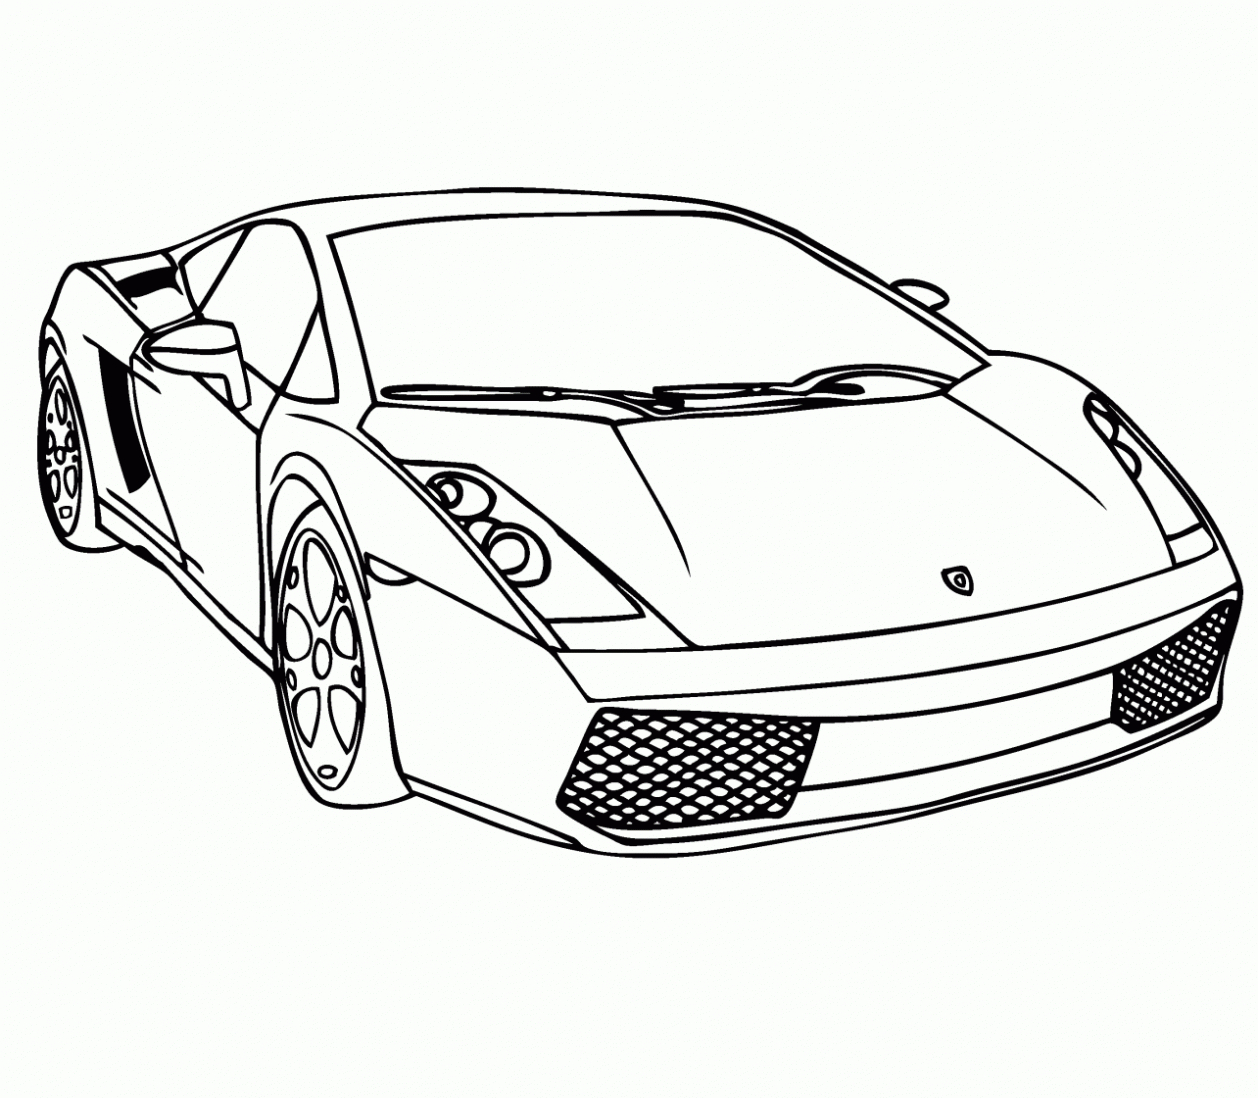 Ausmalbilder Autos Lamborghini 456 Malvorlage Autos bei Ausmalbilder Von Autos